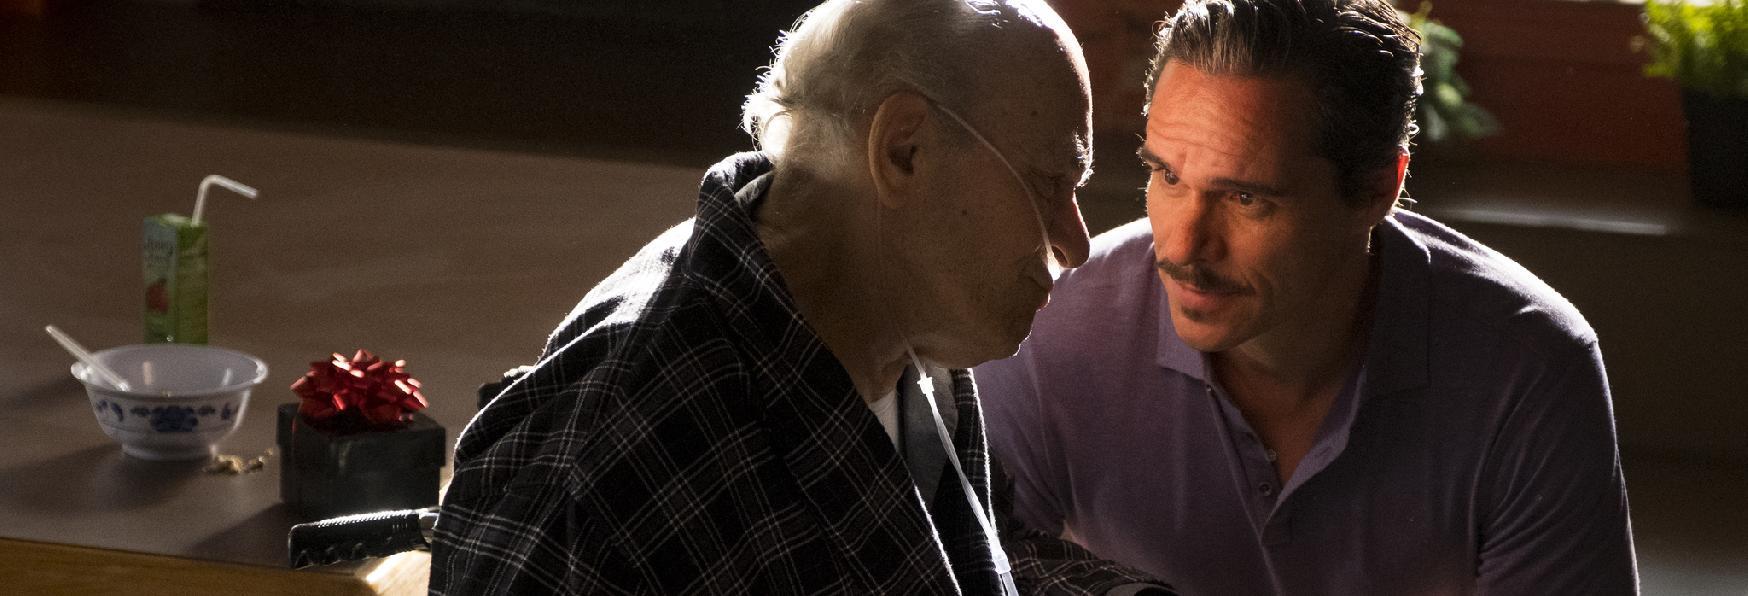 Annunciato il ritorno di Tony Dalton in Better Call Saul 5